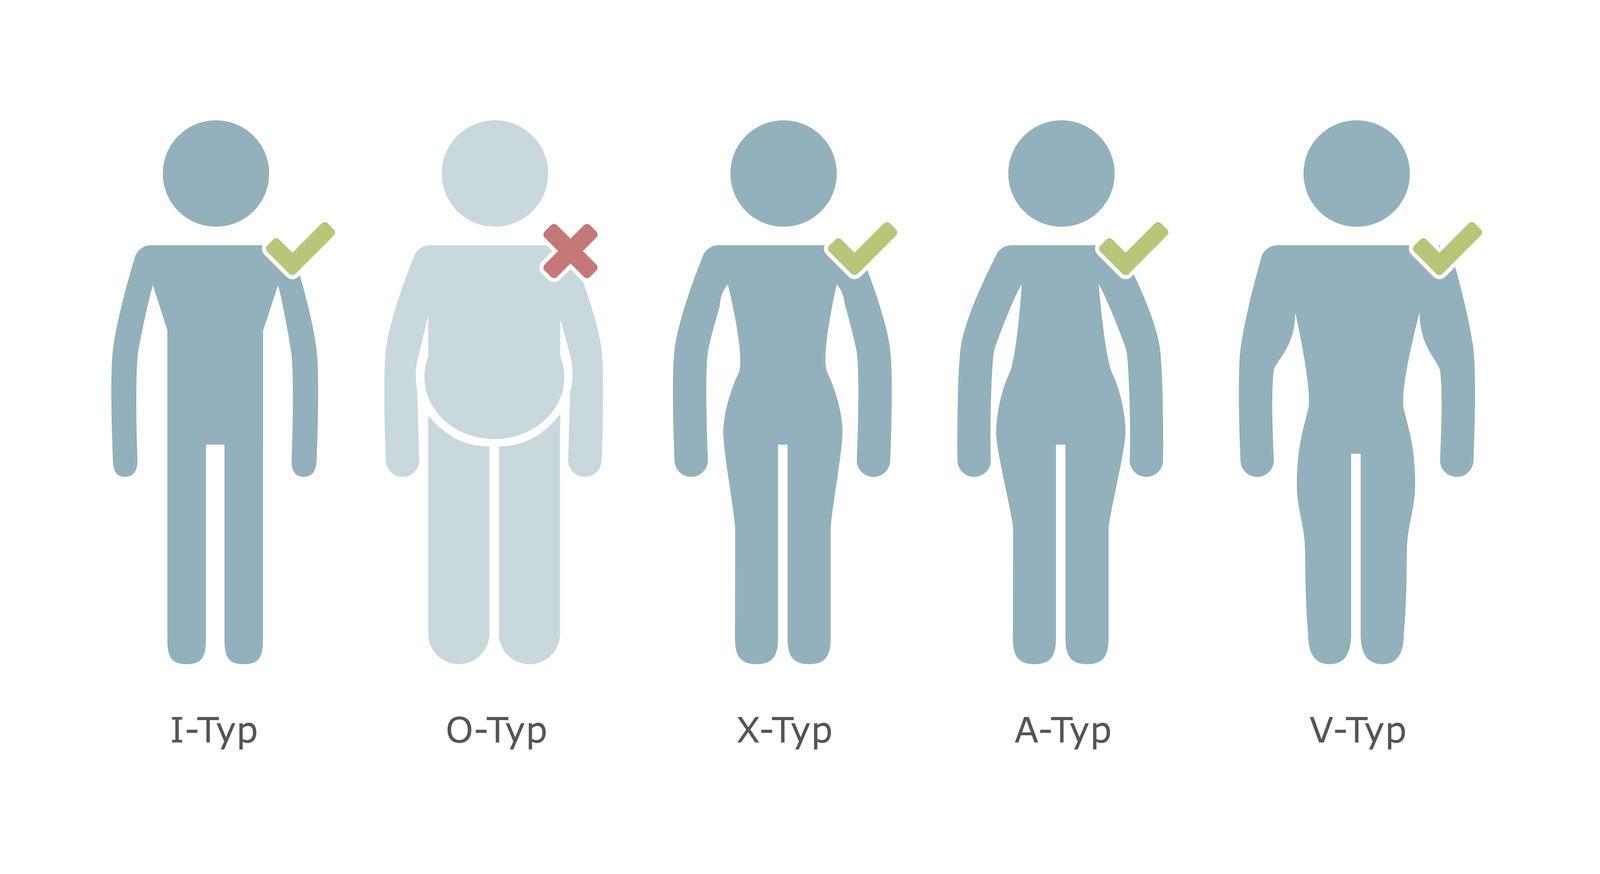 Kaltschaummatratze youSleep passend für viele Körpertypen